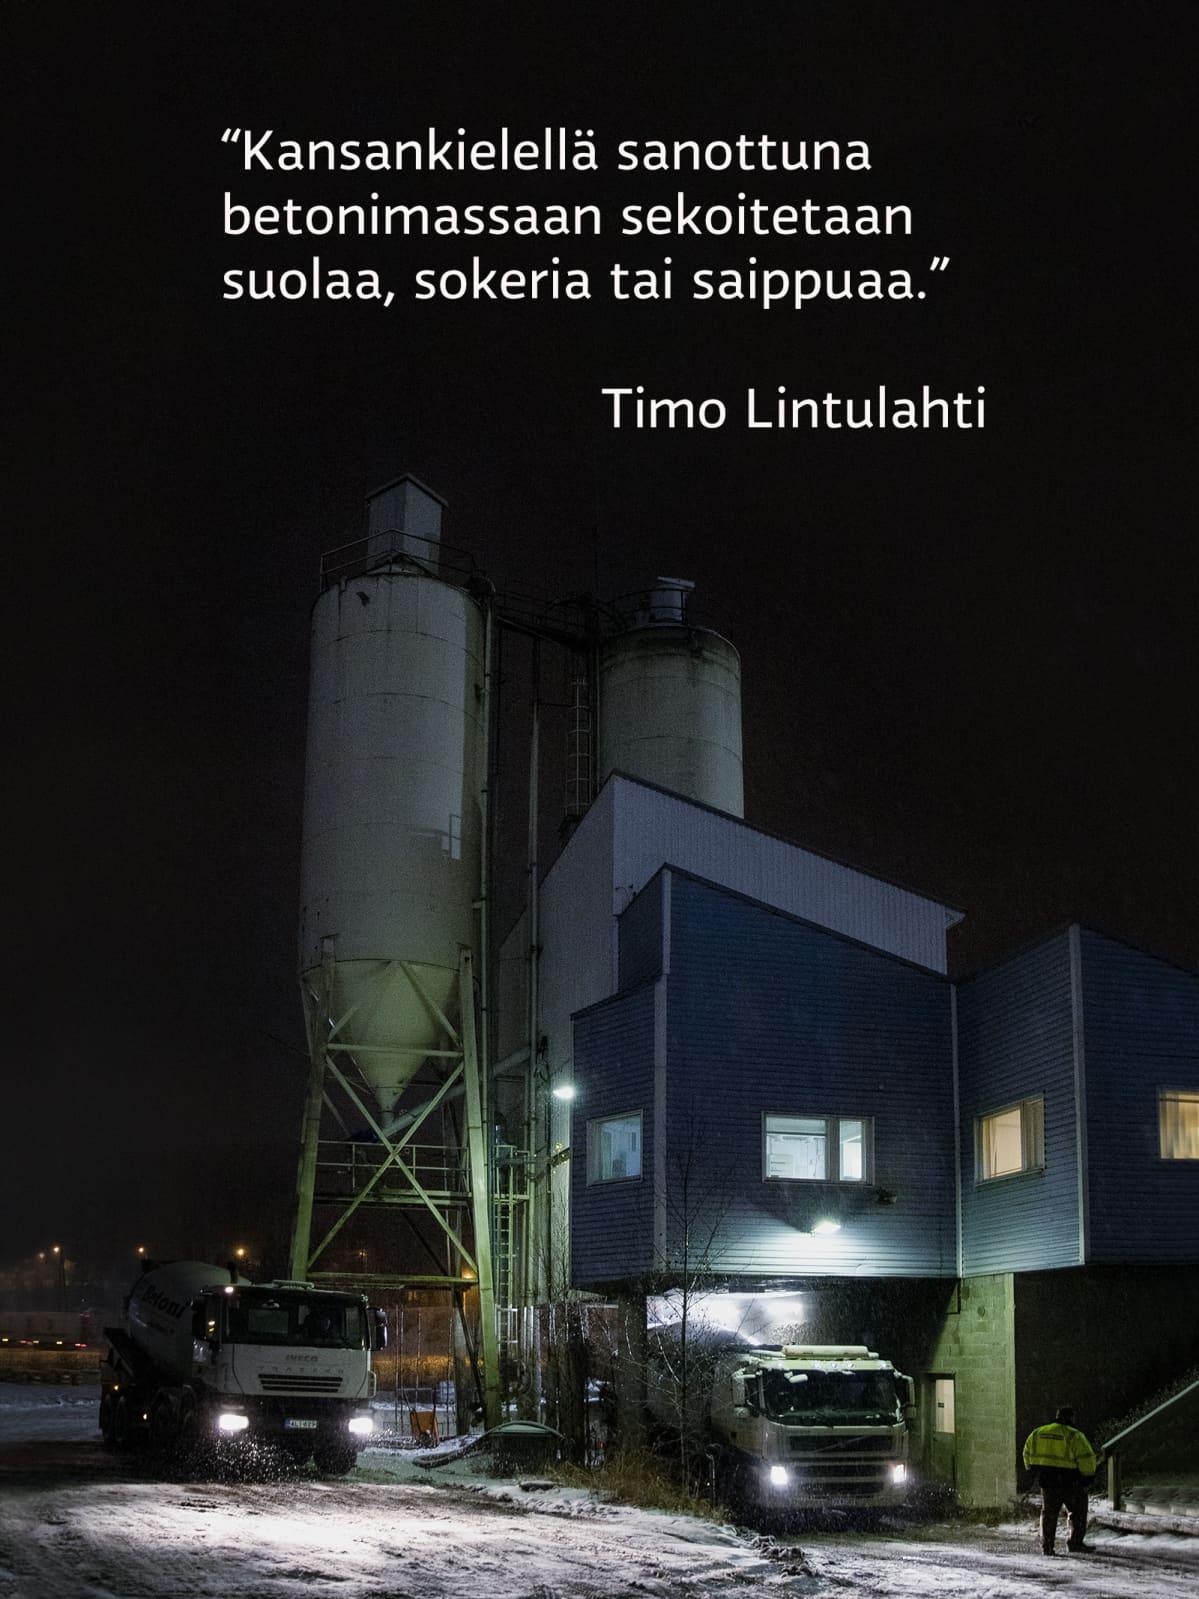 """Kansankielellä sanottuna betonimassaan sekoitetaan suolaa, sokeria tai saippuaa,"""" sanoo Timo Lintulahti."""